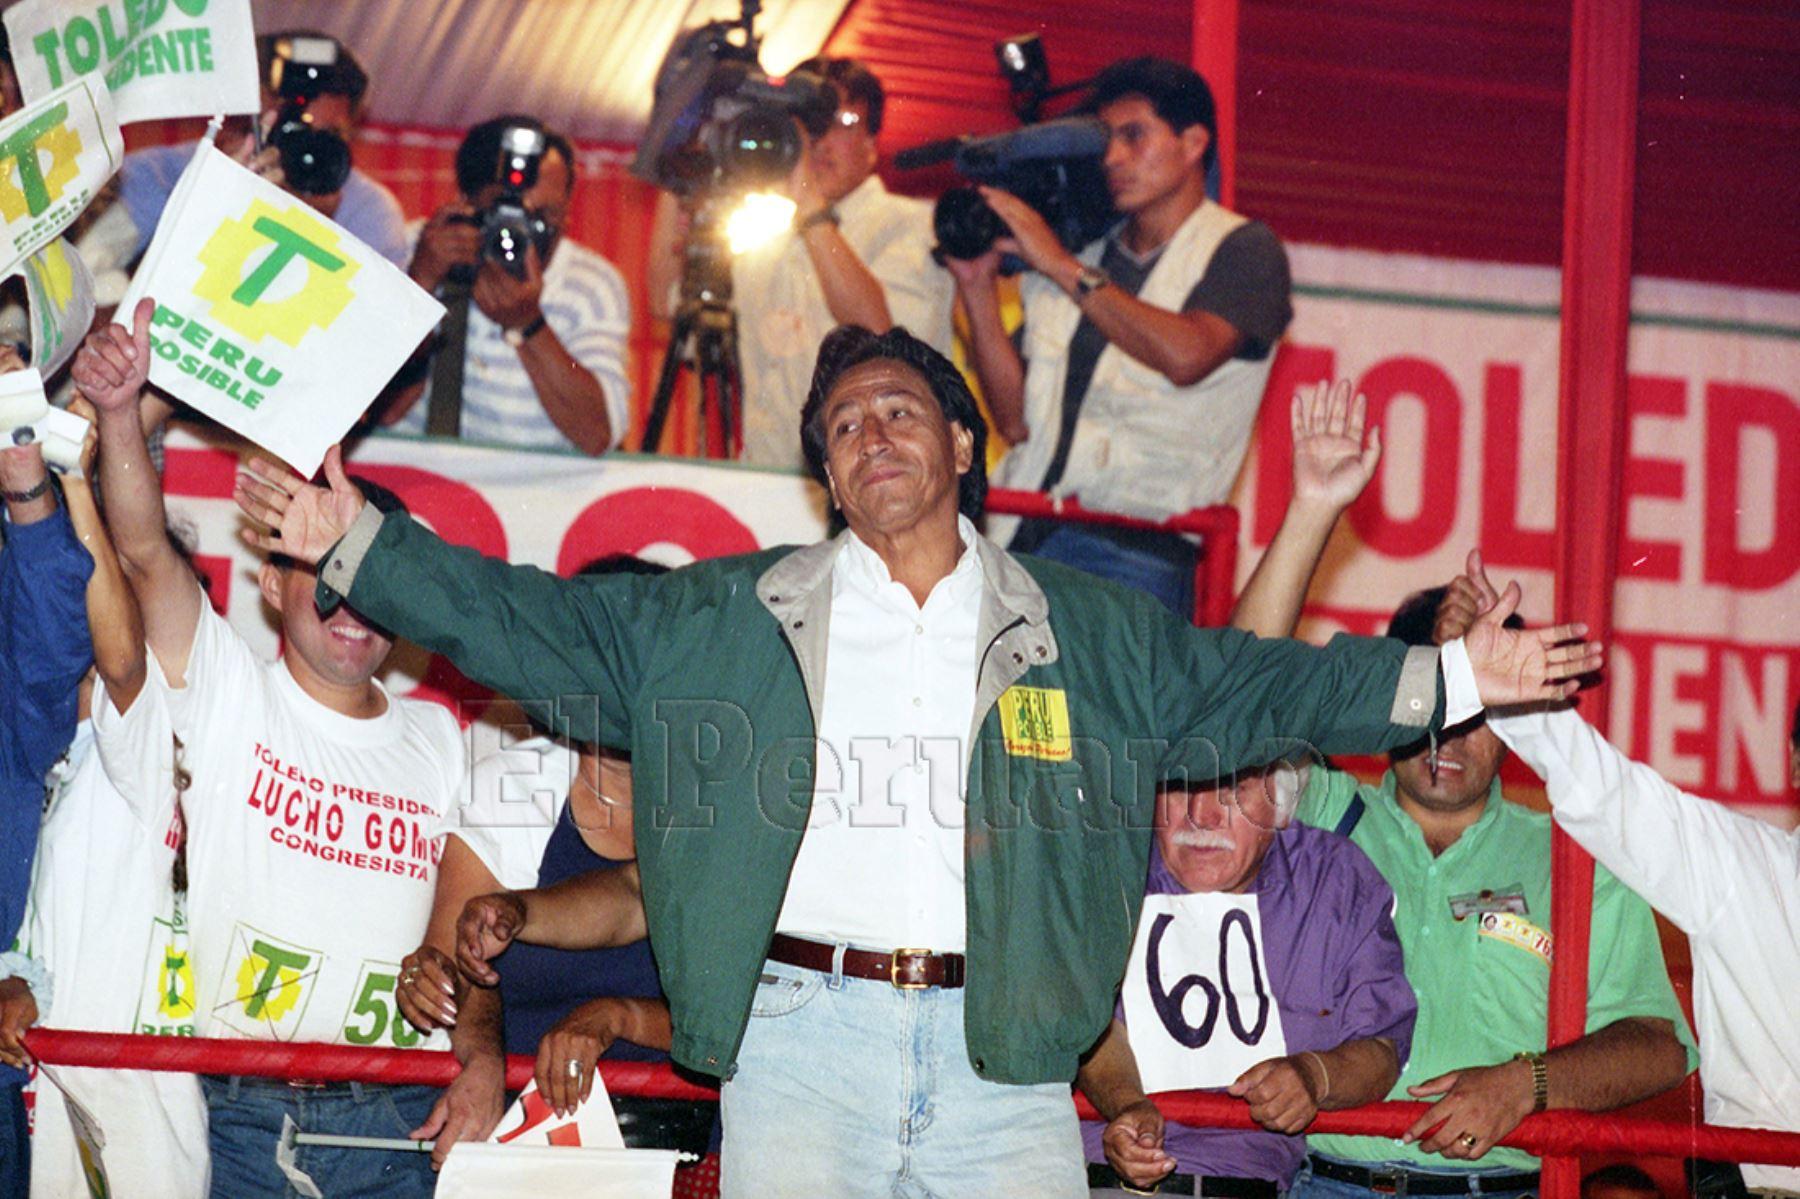 Lima - 4 abril 2000 / El candidato presidencial de Perú Posible, Alejandro Toledo Manrique, presidió un multitudinario mitin en la plaza Manco Cápac.  Foto: Archivo Histórico de EL PERUANO